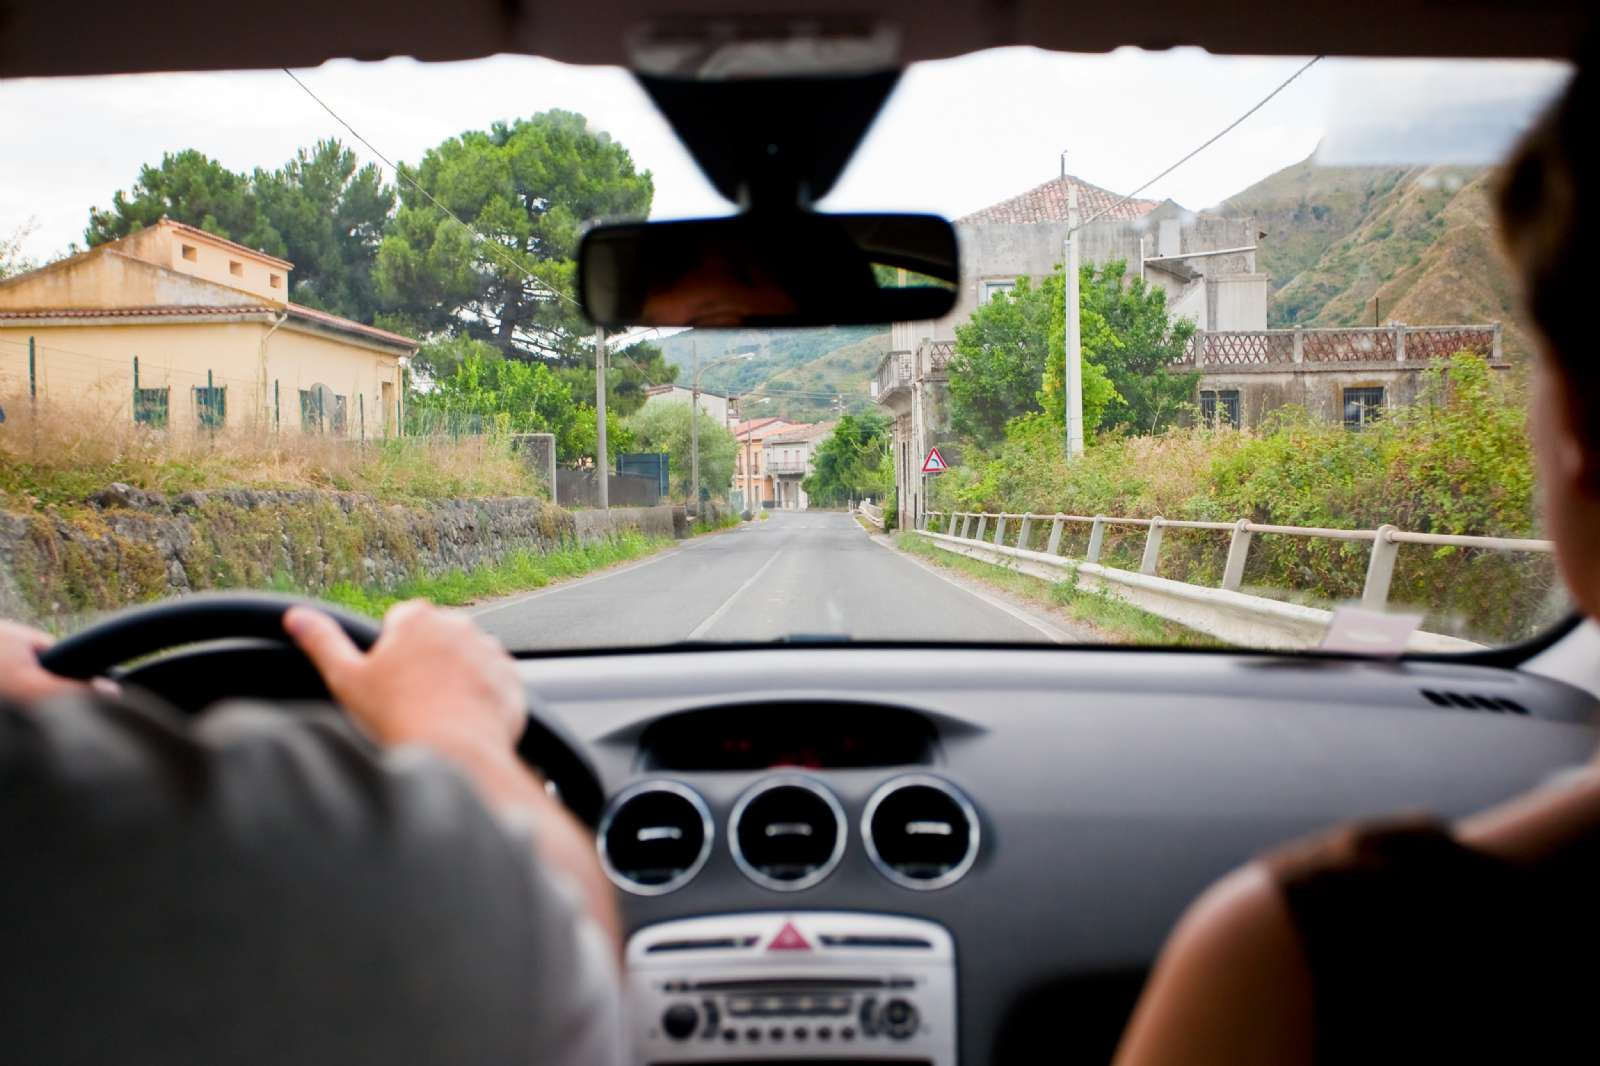 Selbstfahrer-Urlaub in Italien bietet etwas für alle Sinne.